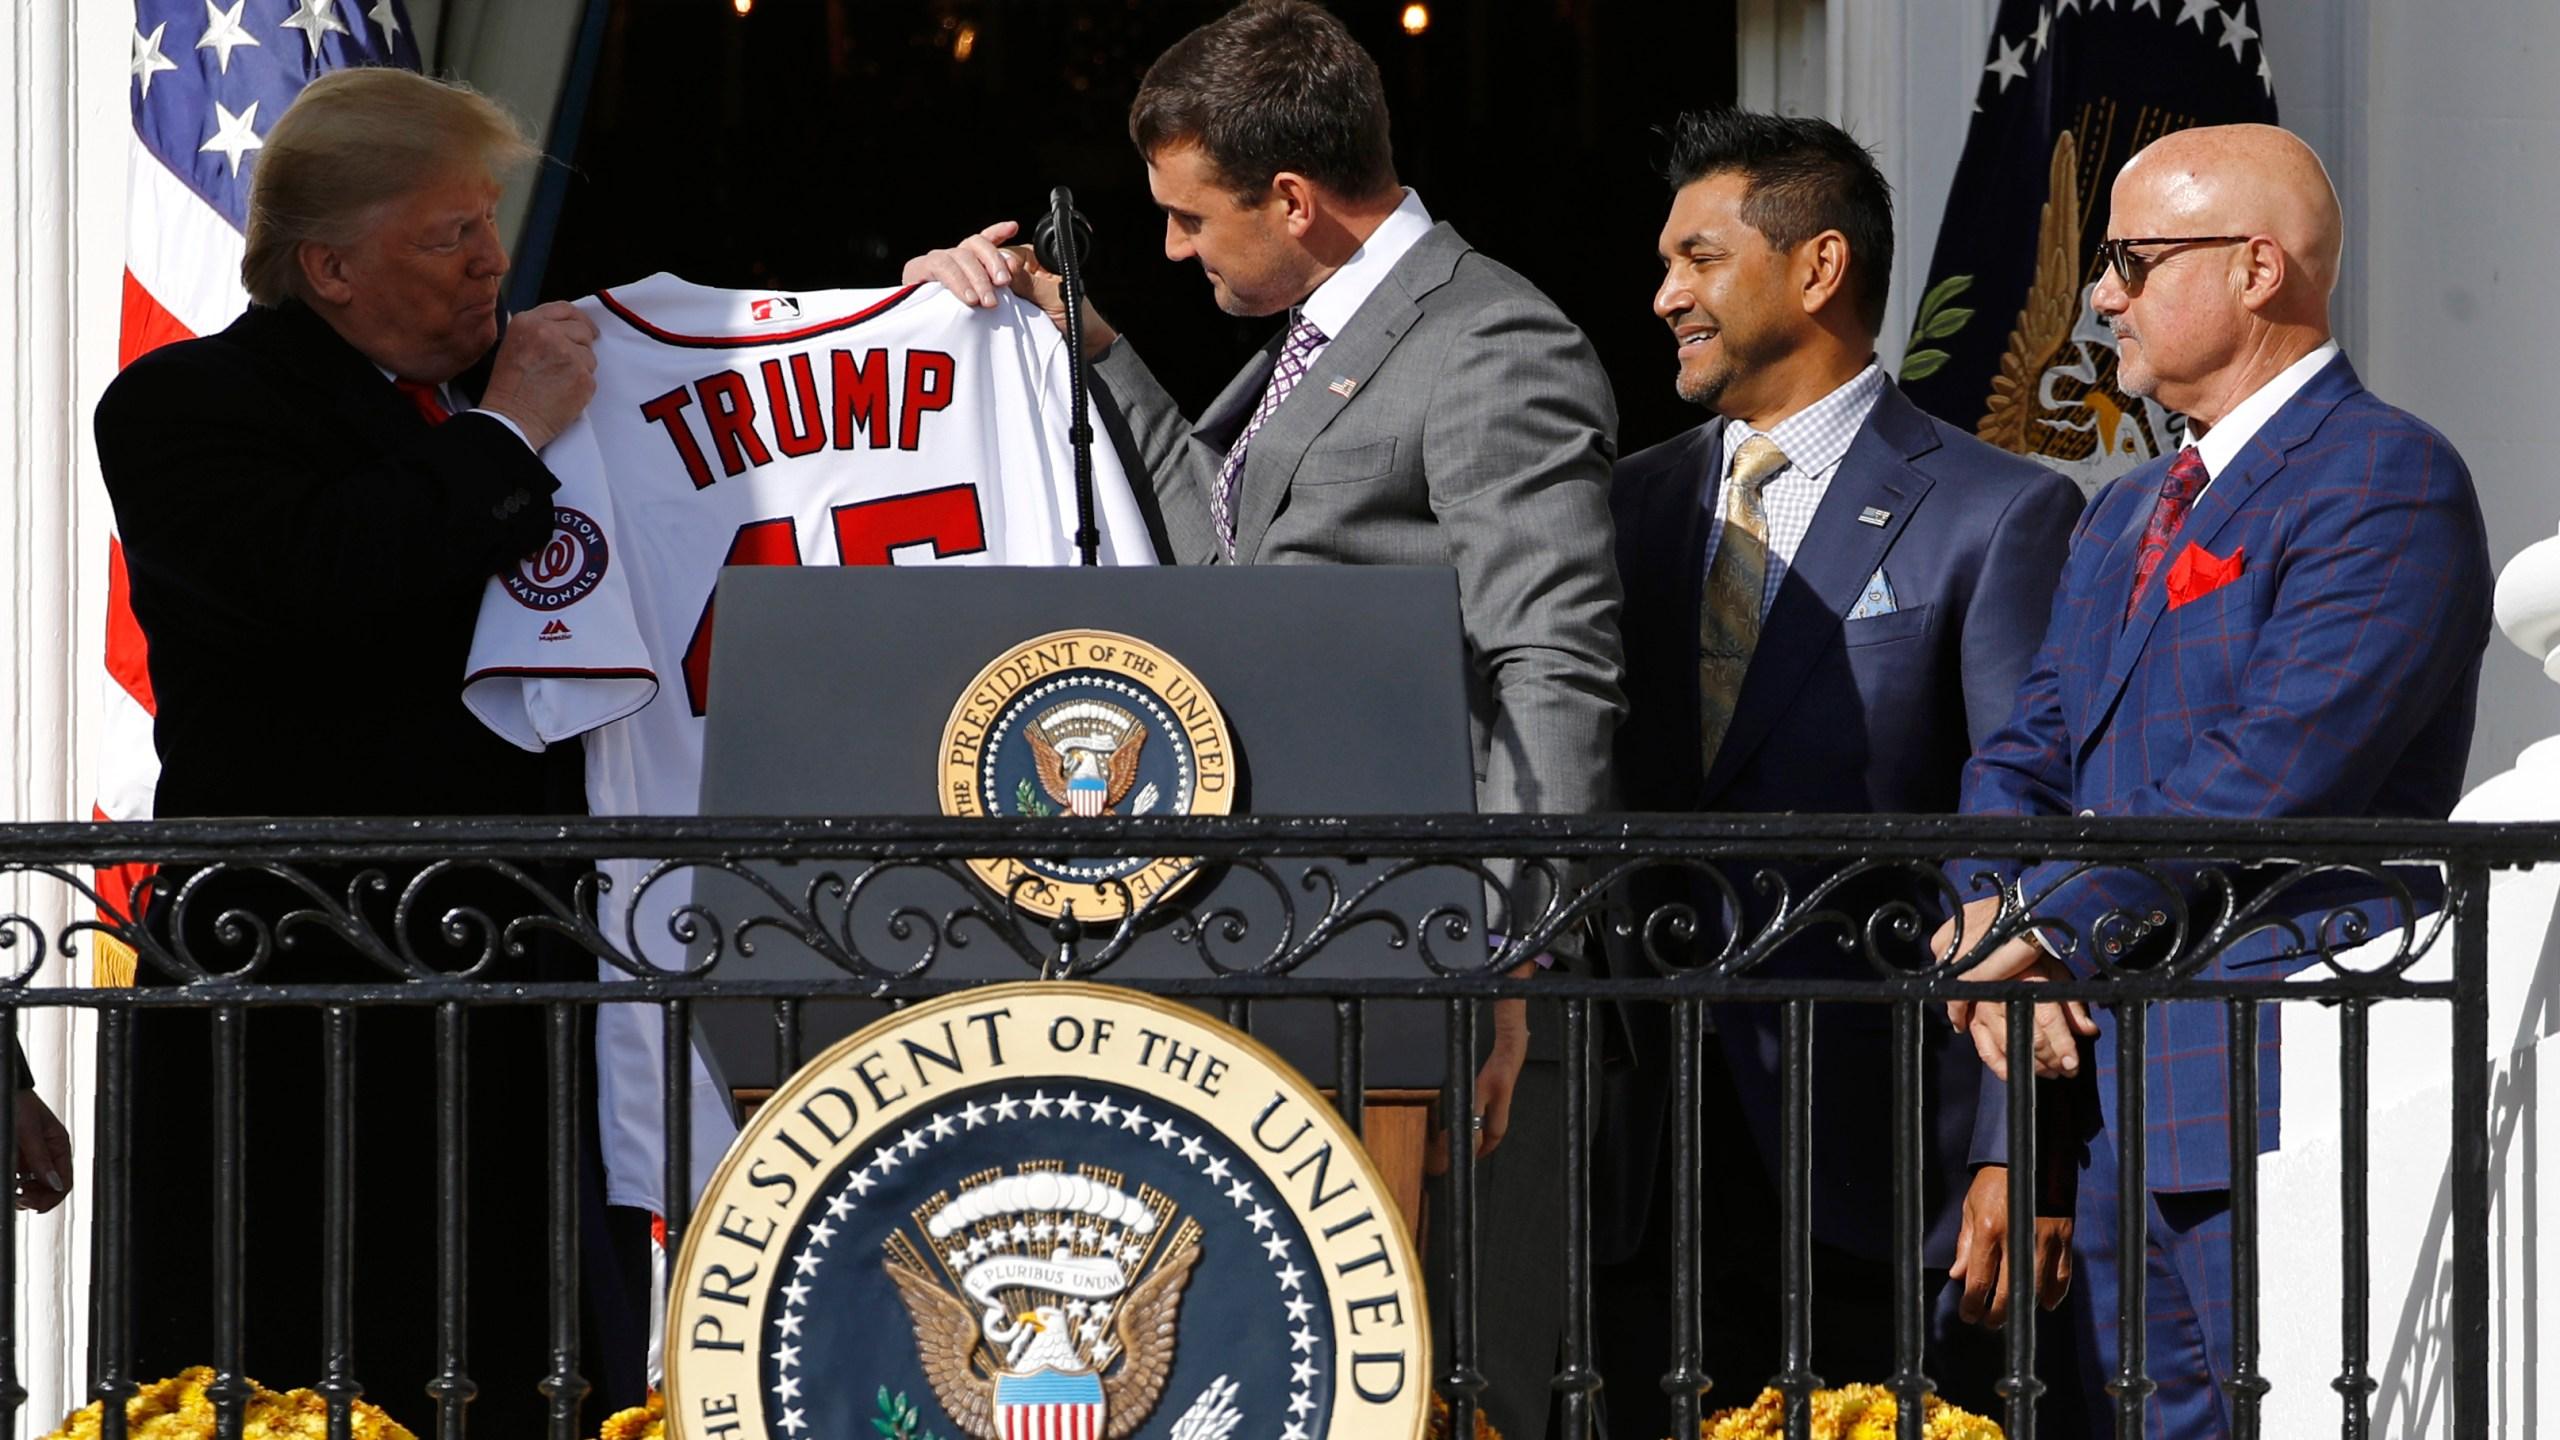 Ryan Zimmerman, Donald Trump, Dave Martinez, Mike Rizzo